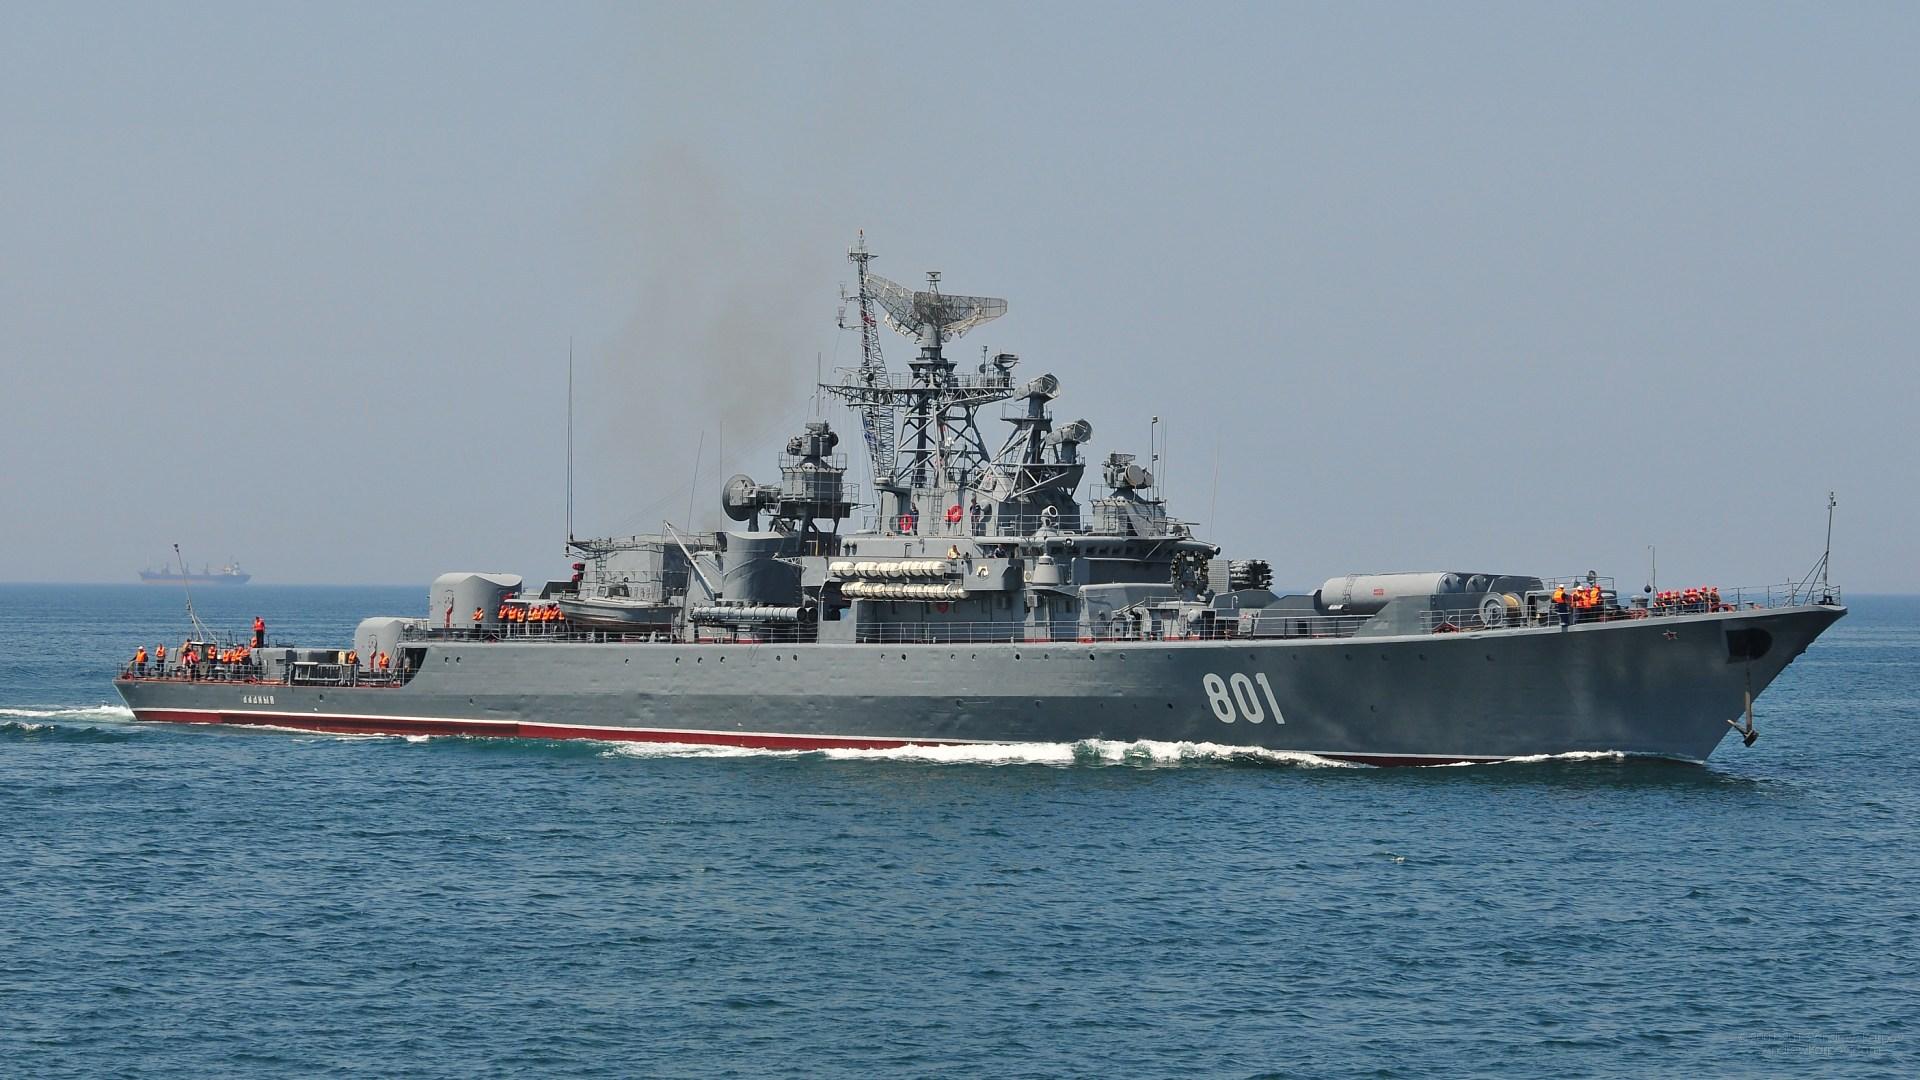 Российский сторожевой корабль обстрелял турецкое судно в международных водах